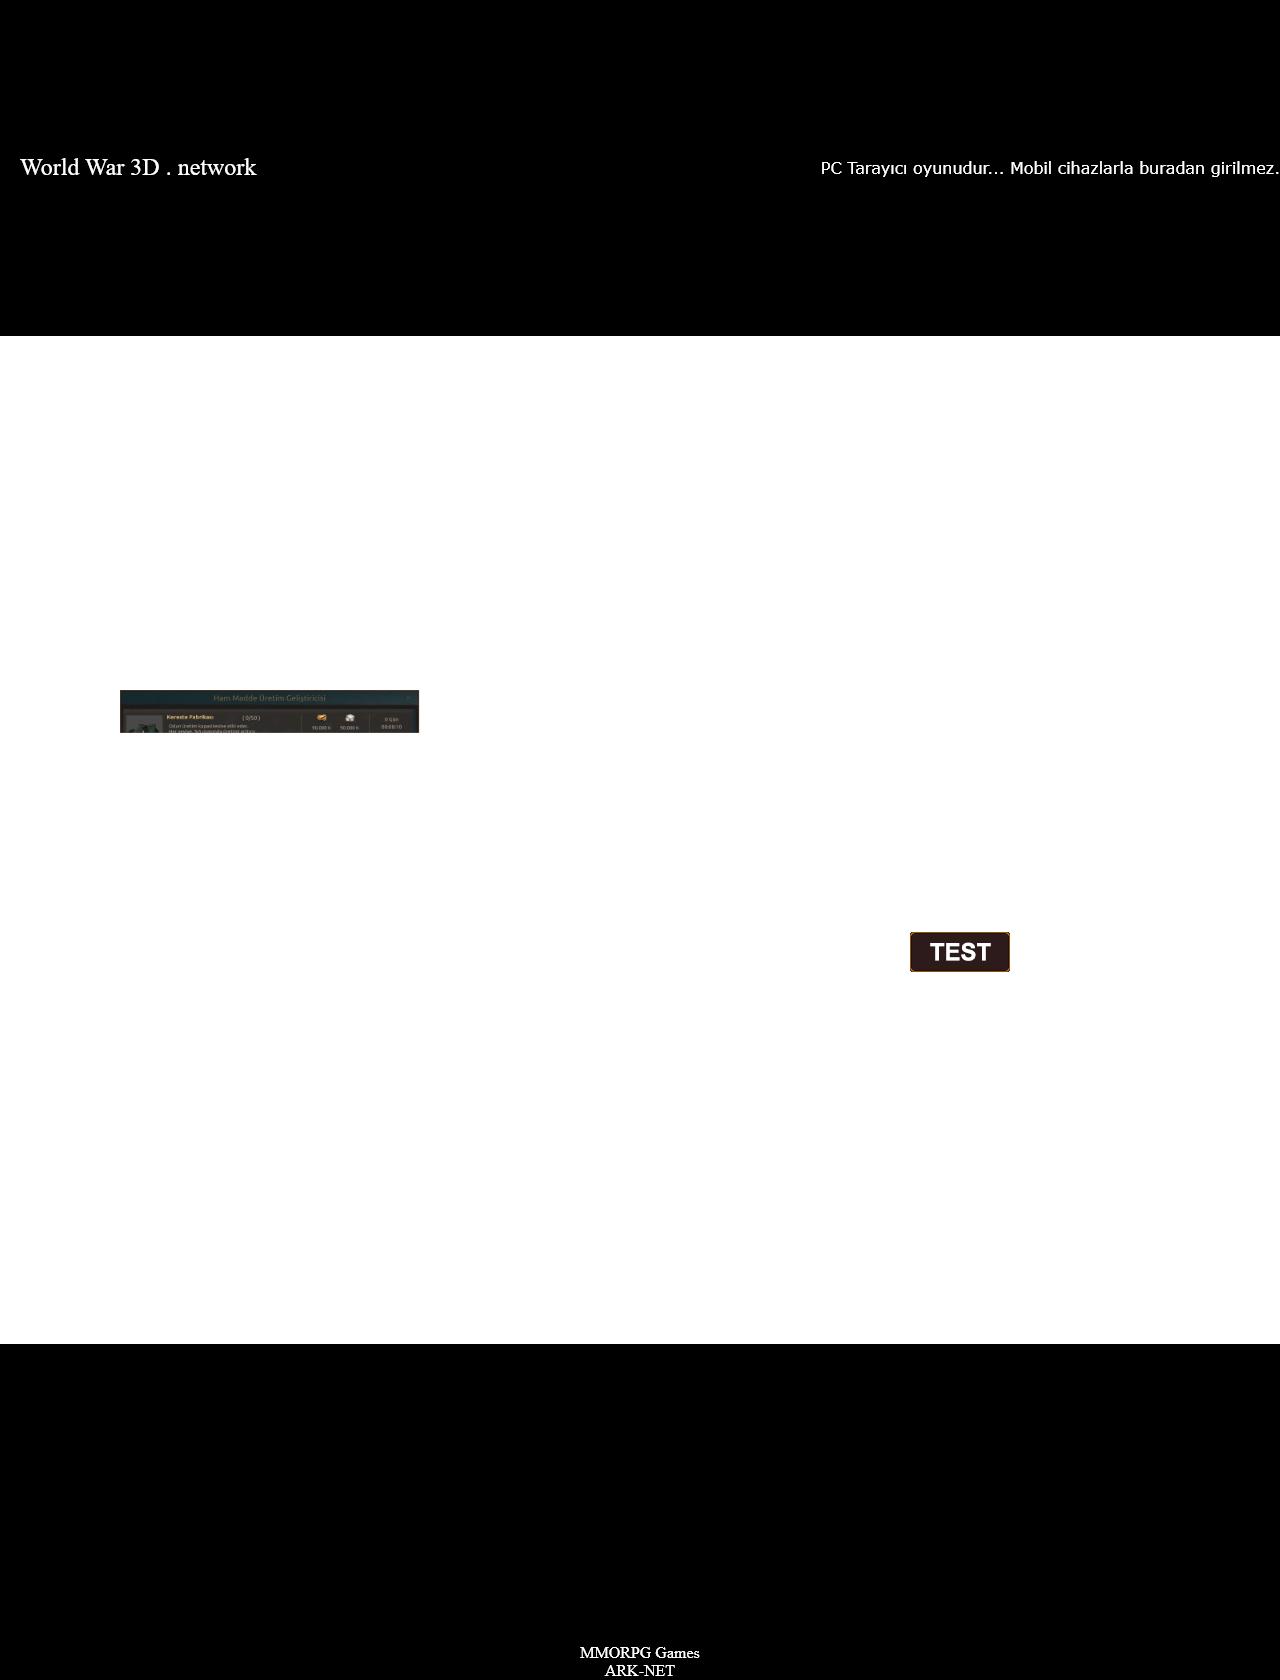 Screenshot Desktop - https://ww3d.net/